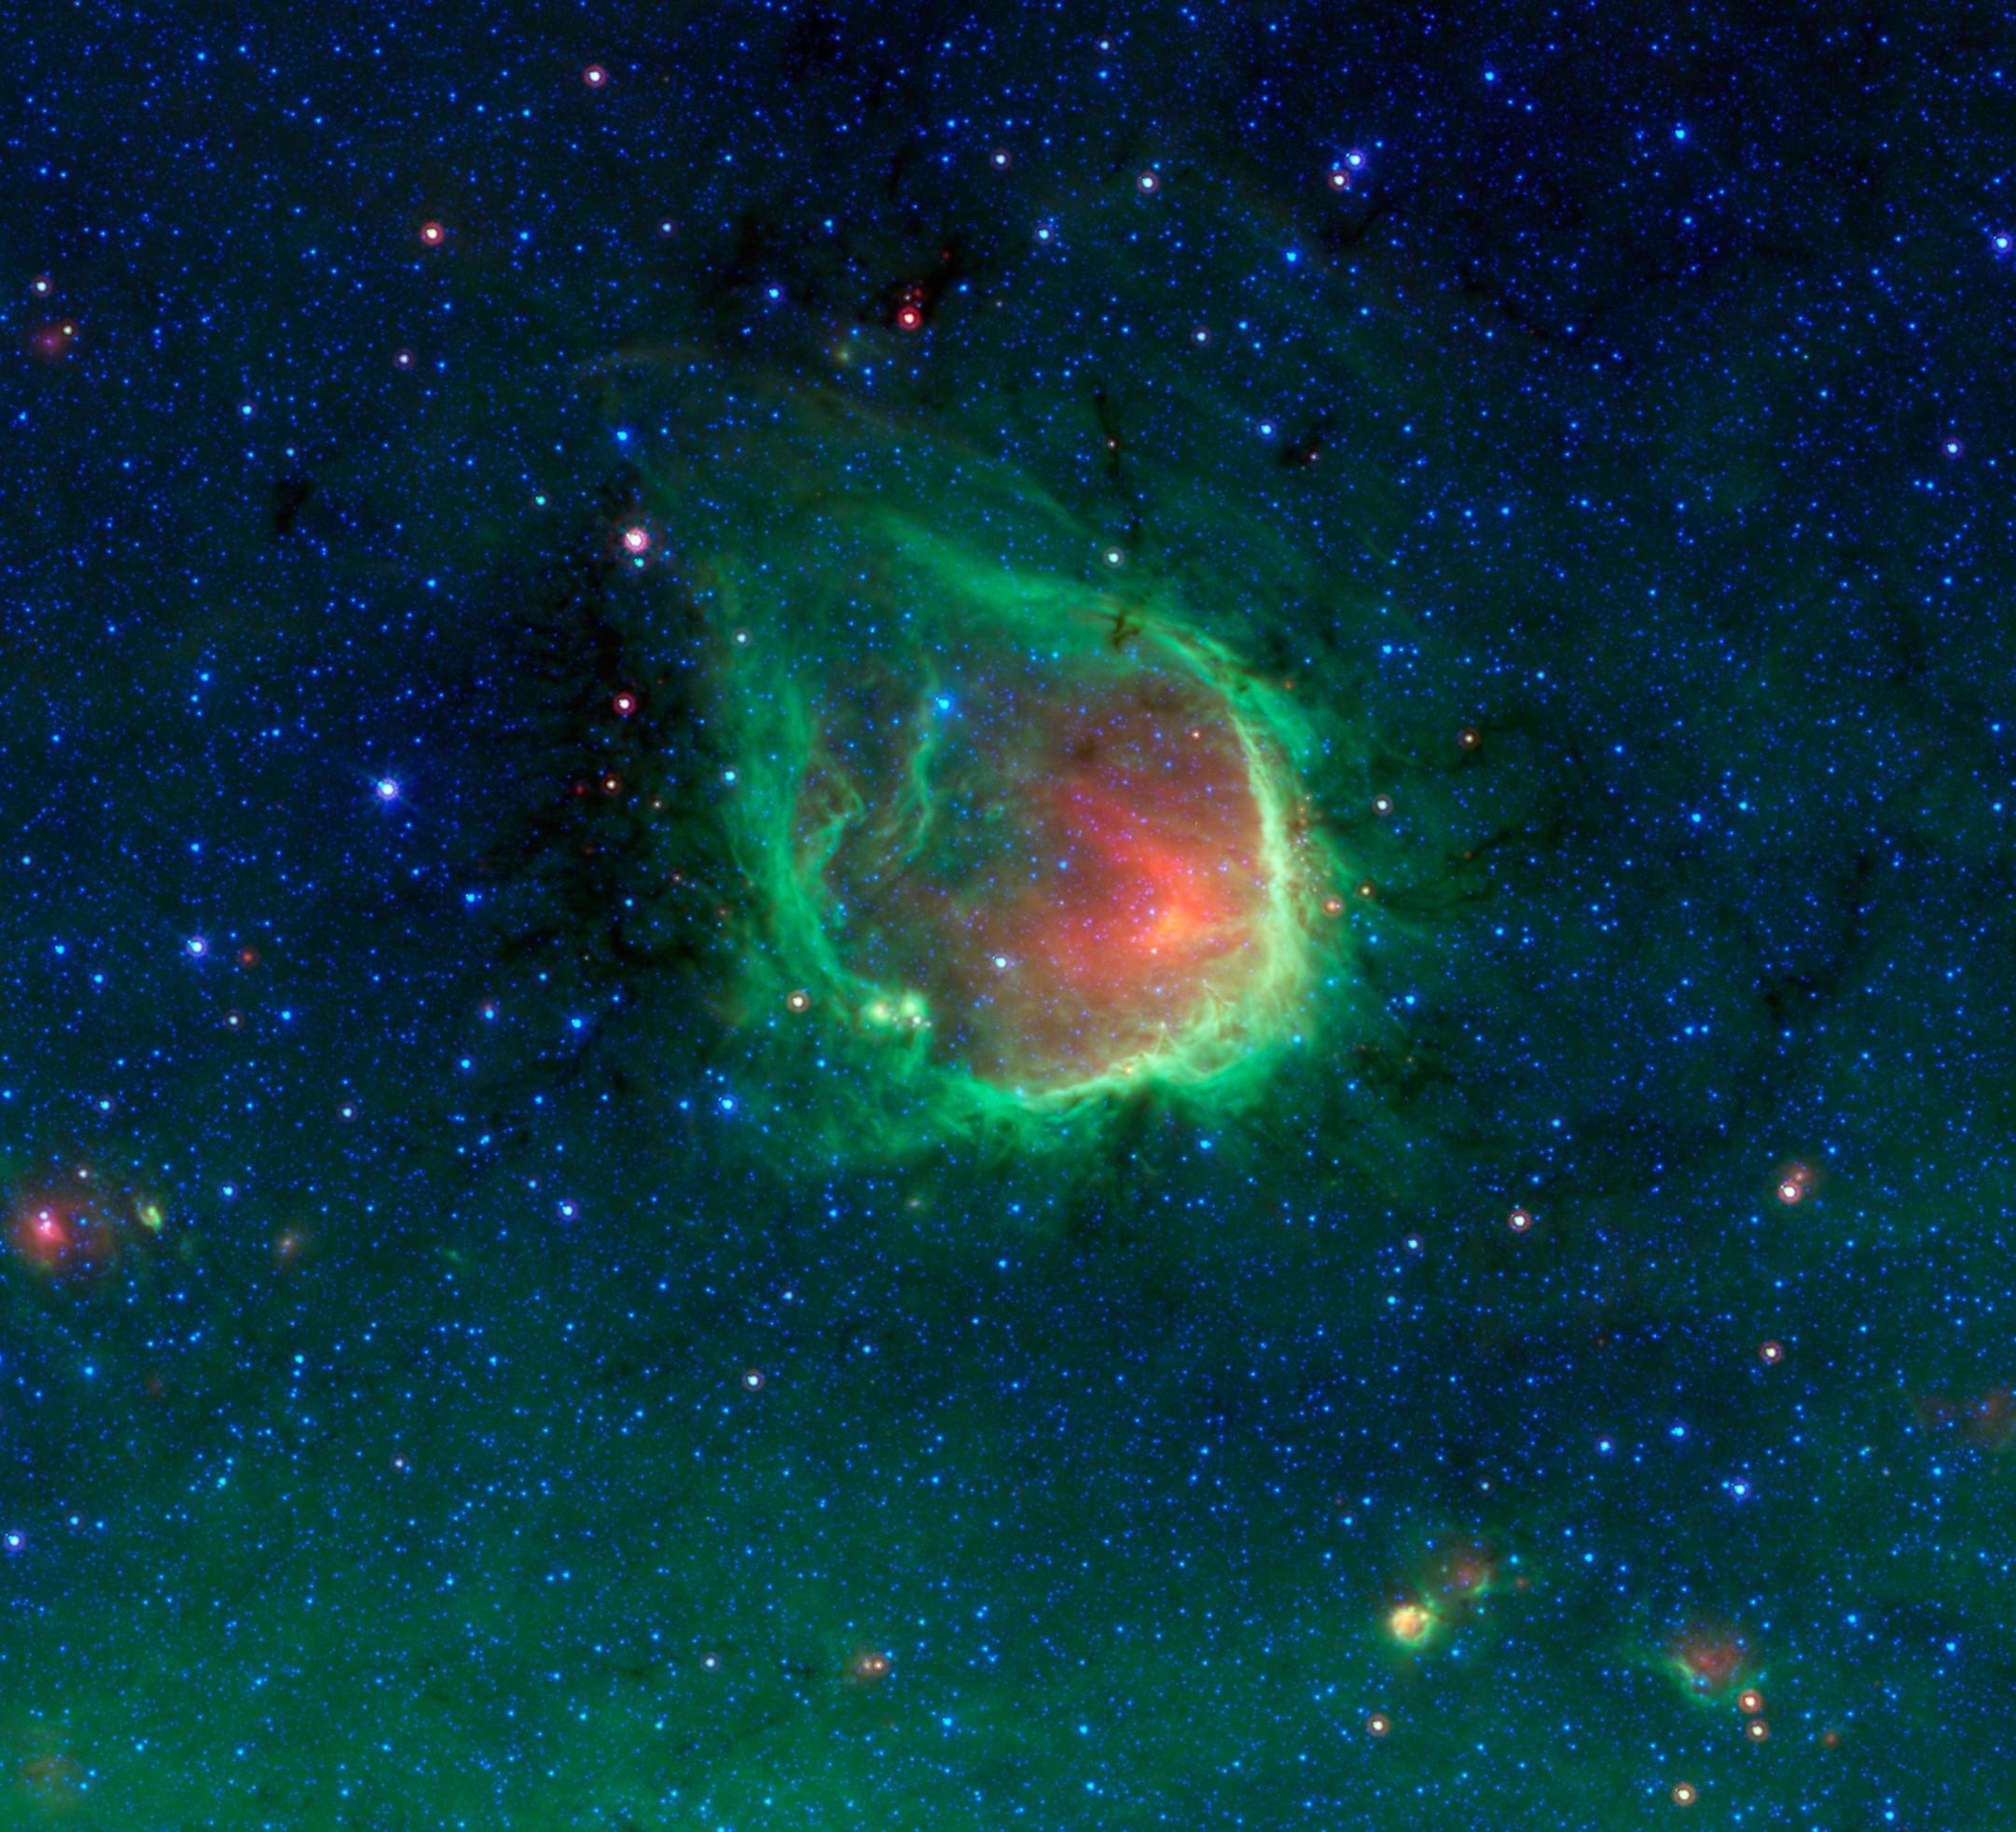 rcw 120, a busy stellar nursery